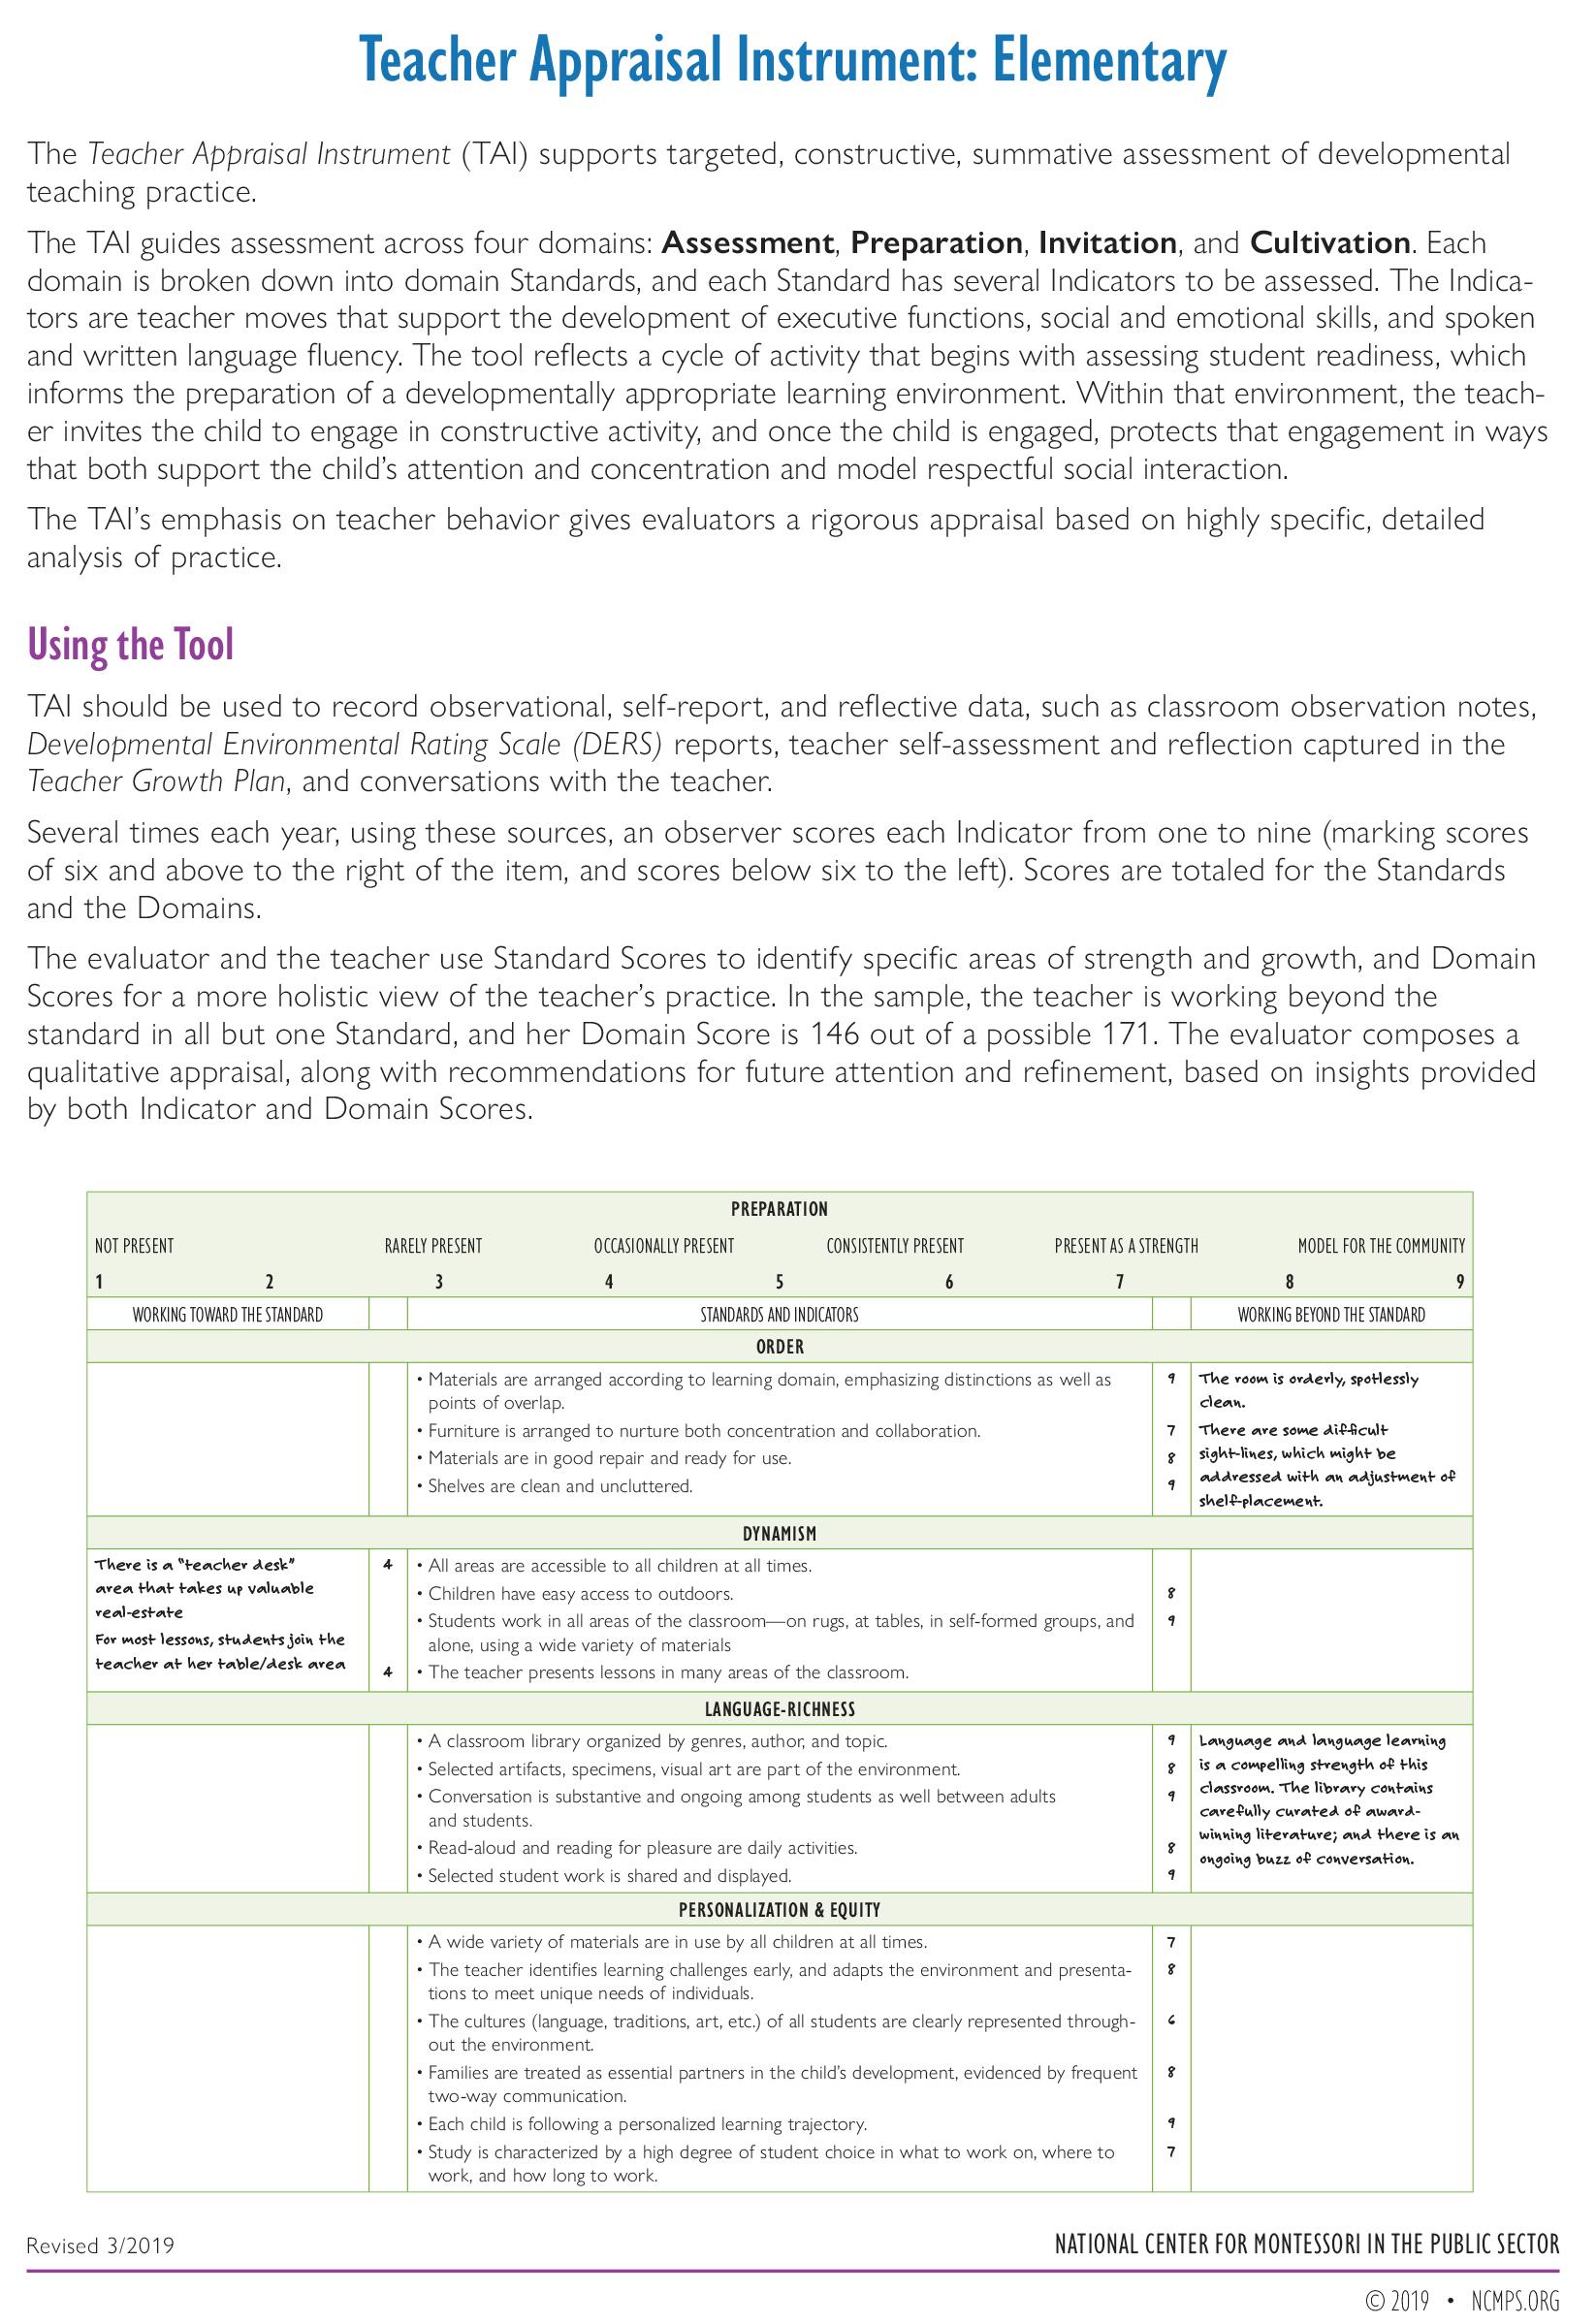 Teacher Appraisal Instrument—Elementary